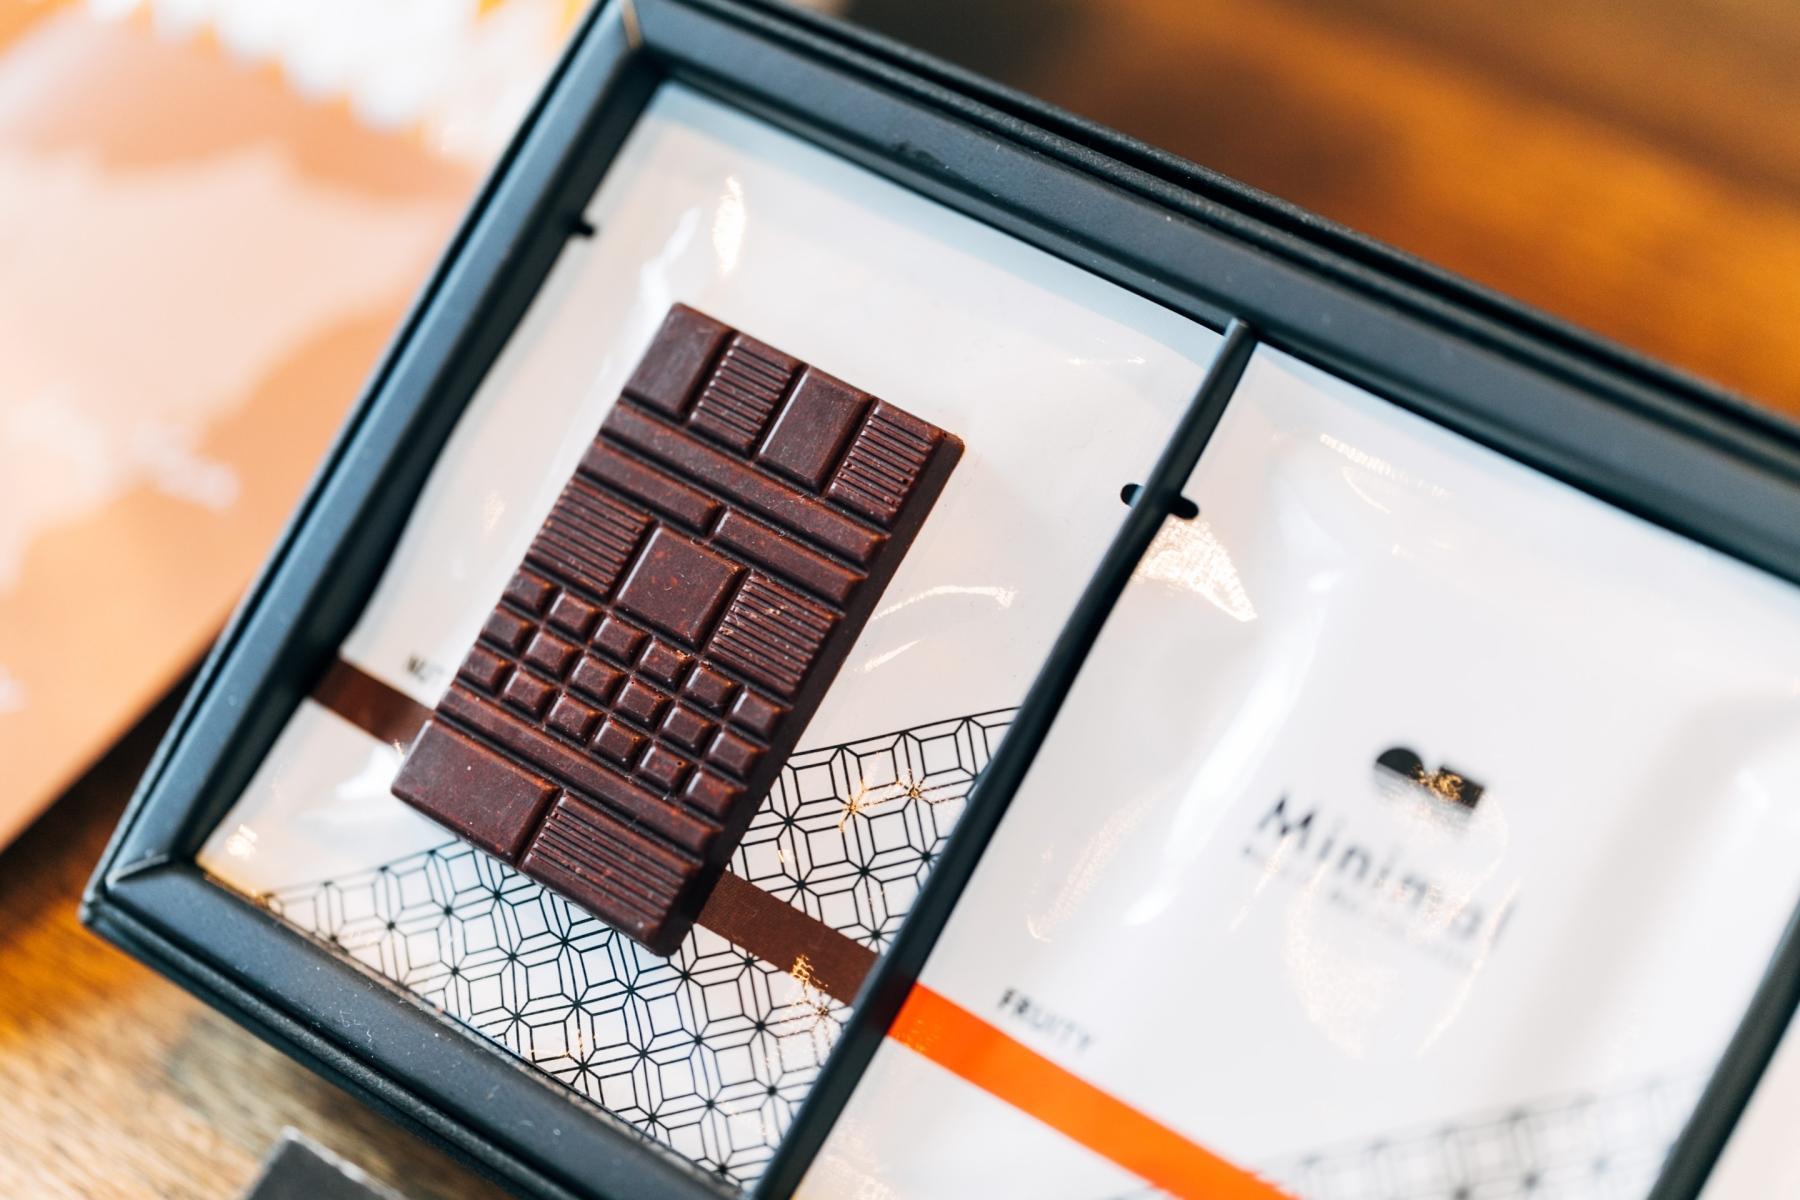 100年後を見据えたチョコレート作り。Minimalの「モノづくり」精神とは